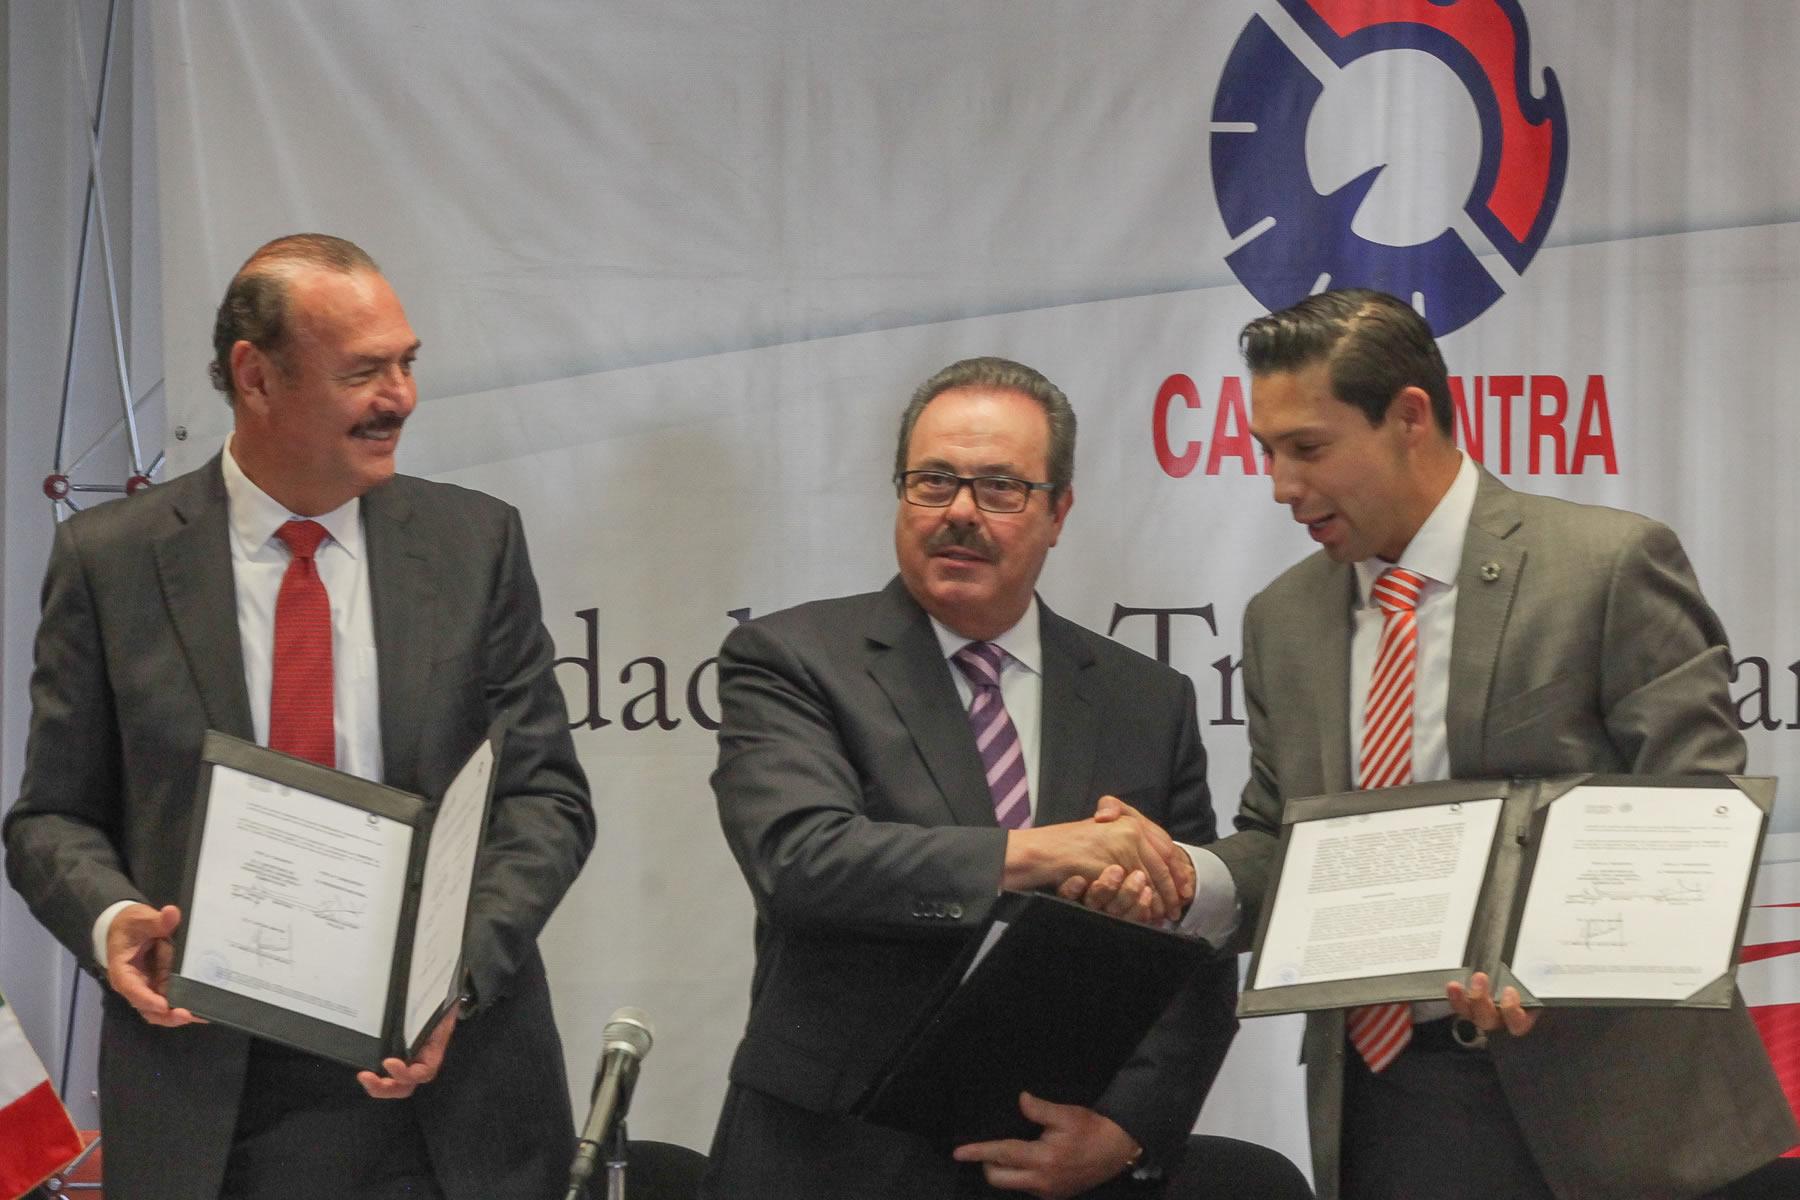 En el evento, realizado en las instalaciones de la CANACINTRA, el titular de la SAGARPA indicó que este esfuerzo conjunto fortalecerá la transparencia de la institución, como lo instruyó el Presidente de la República, Enrique Peña Nieto.